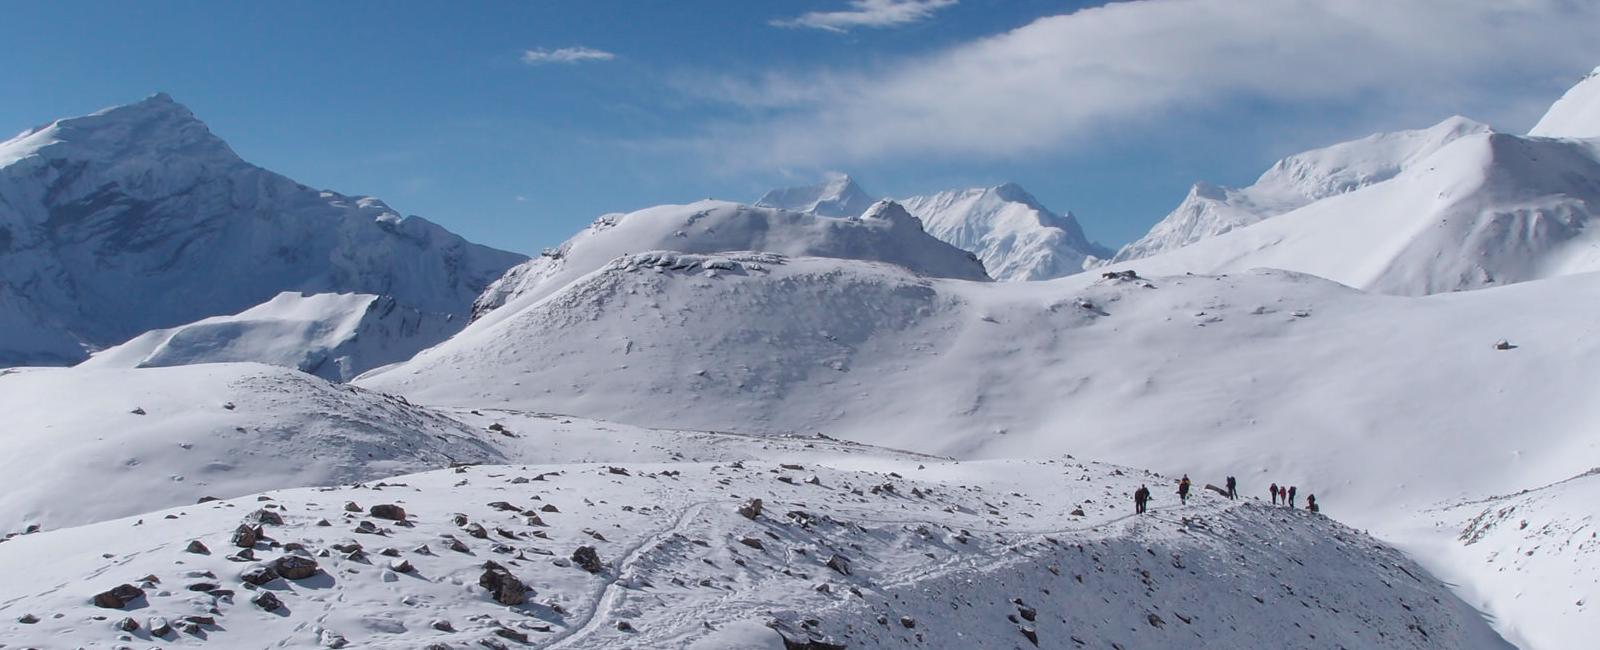 Himalayan Trekking discount: 10% off treks in Nepal